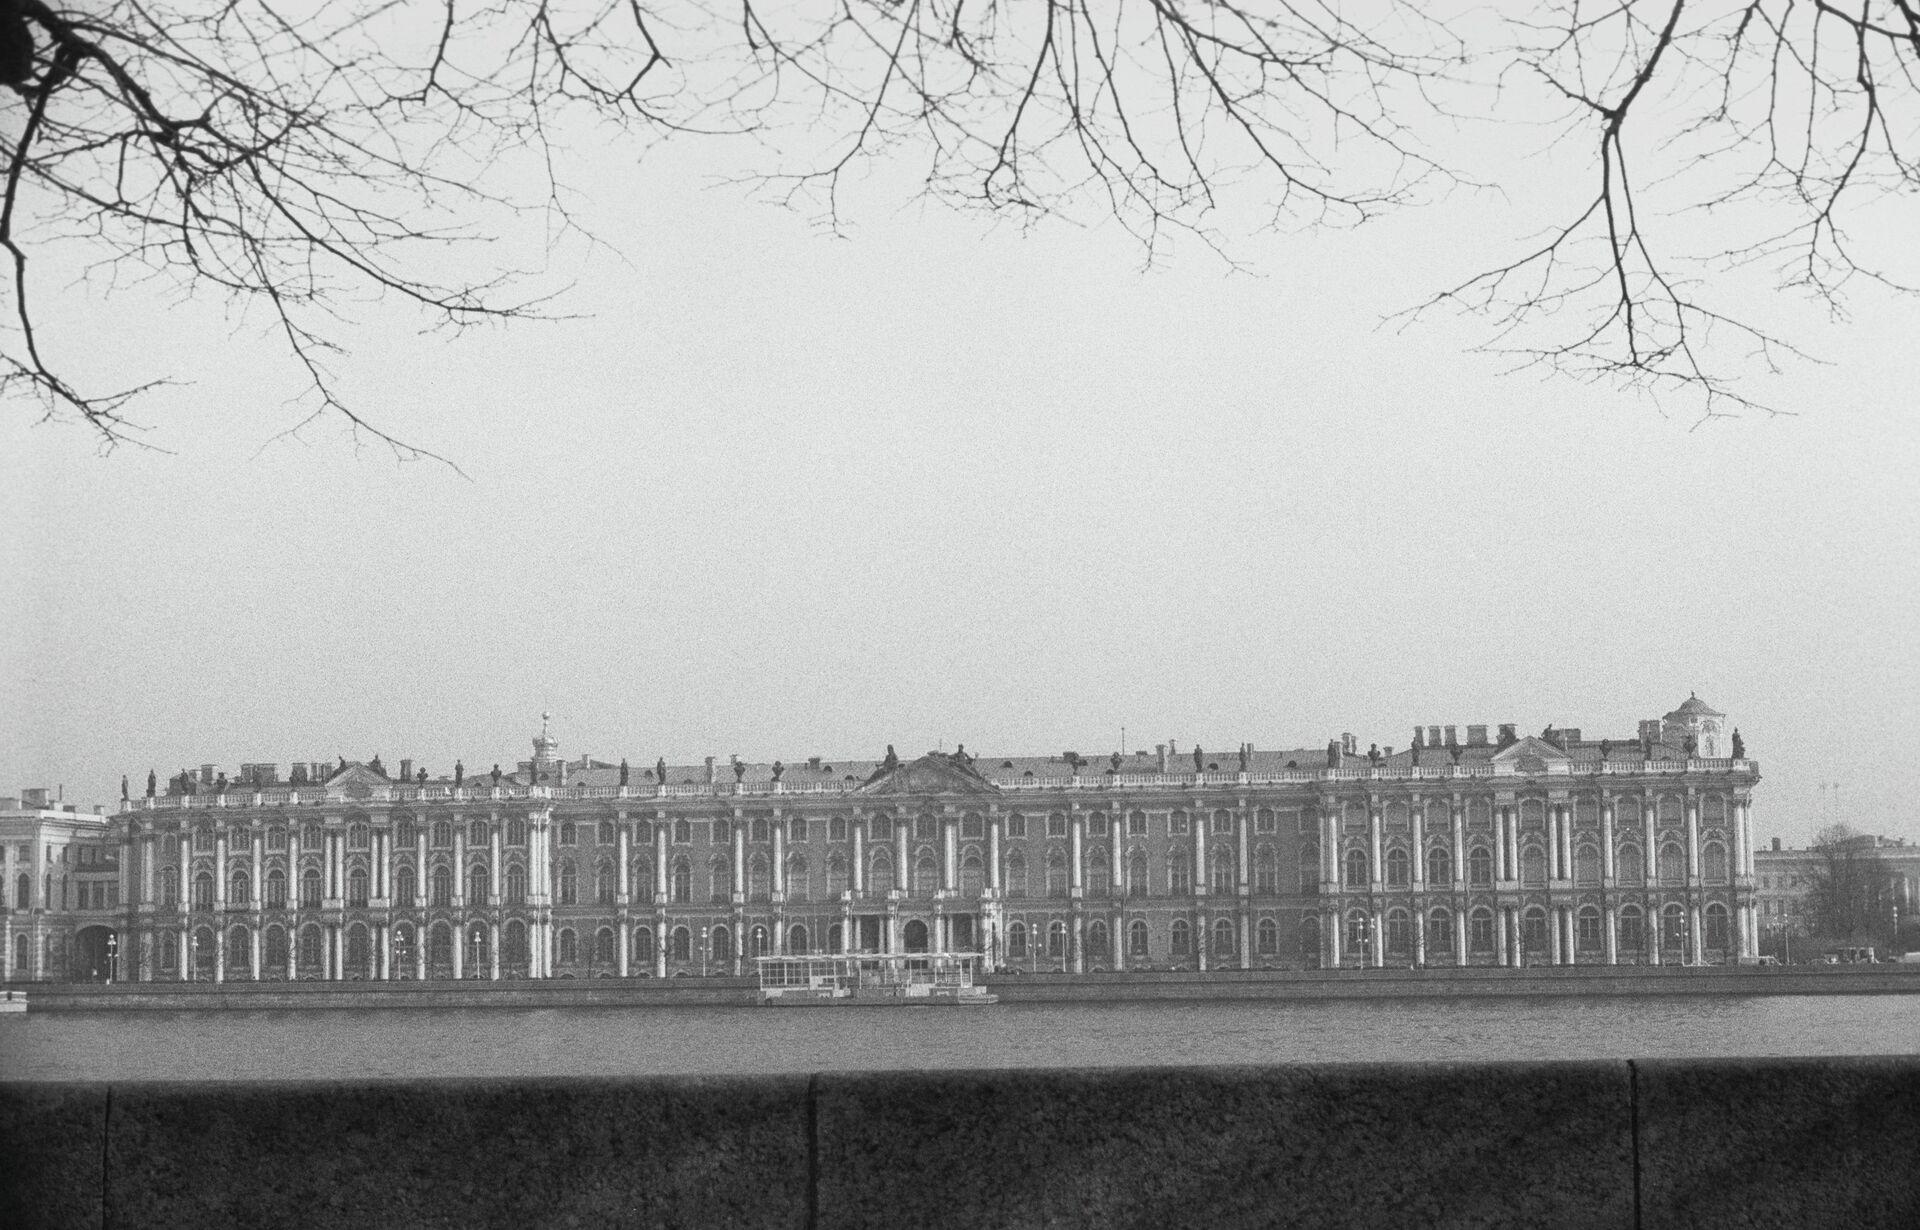 Здание Эрмитажа в Ленинграде - РИА Новости, 1920, 07.02.2021